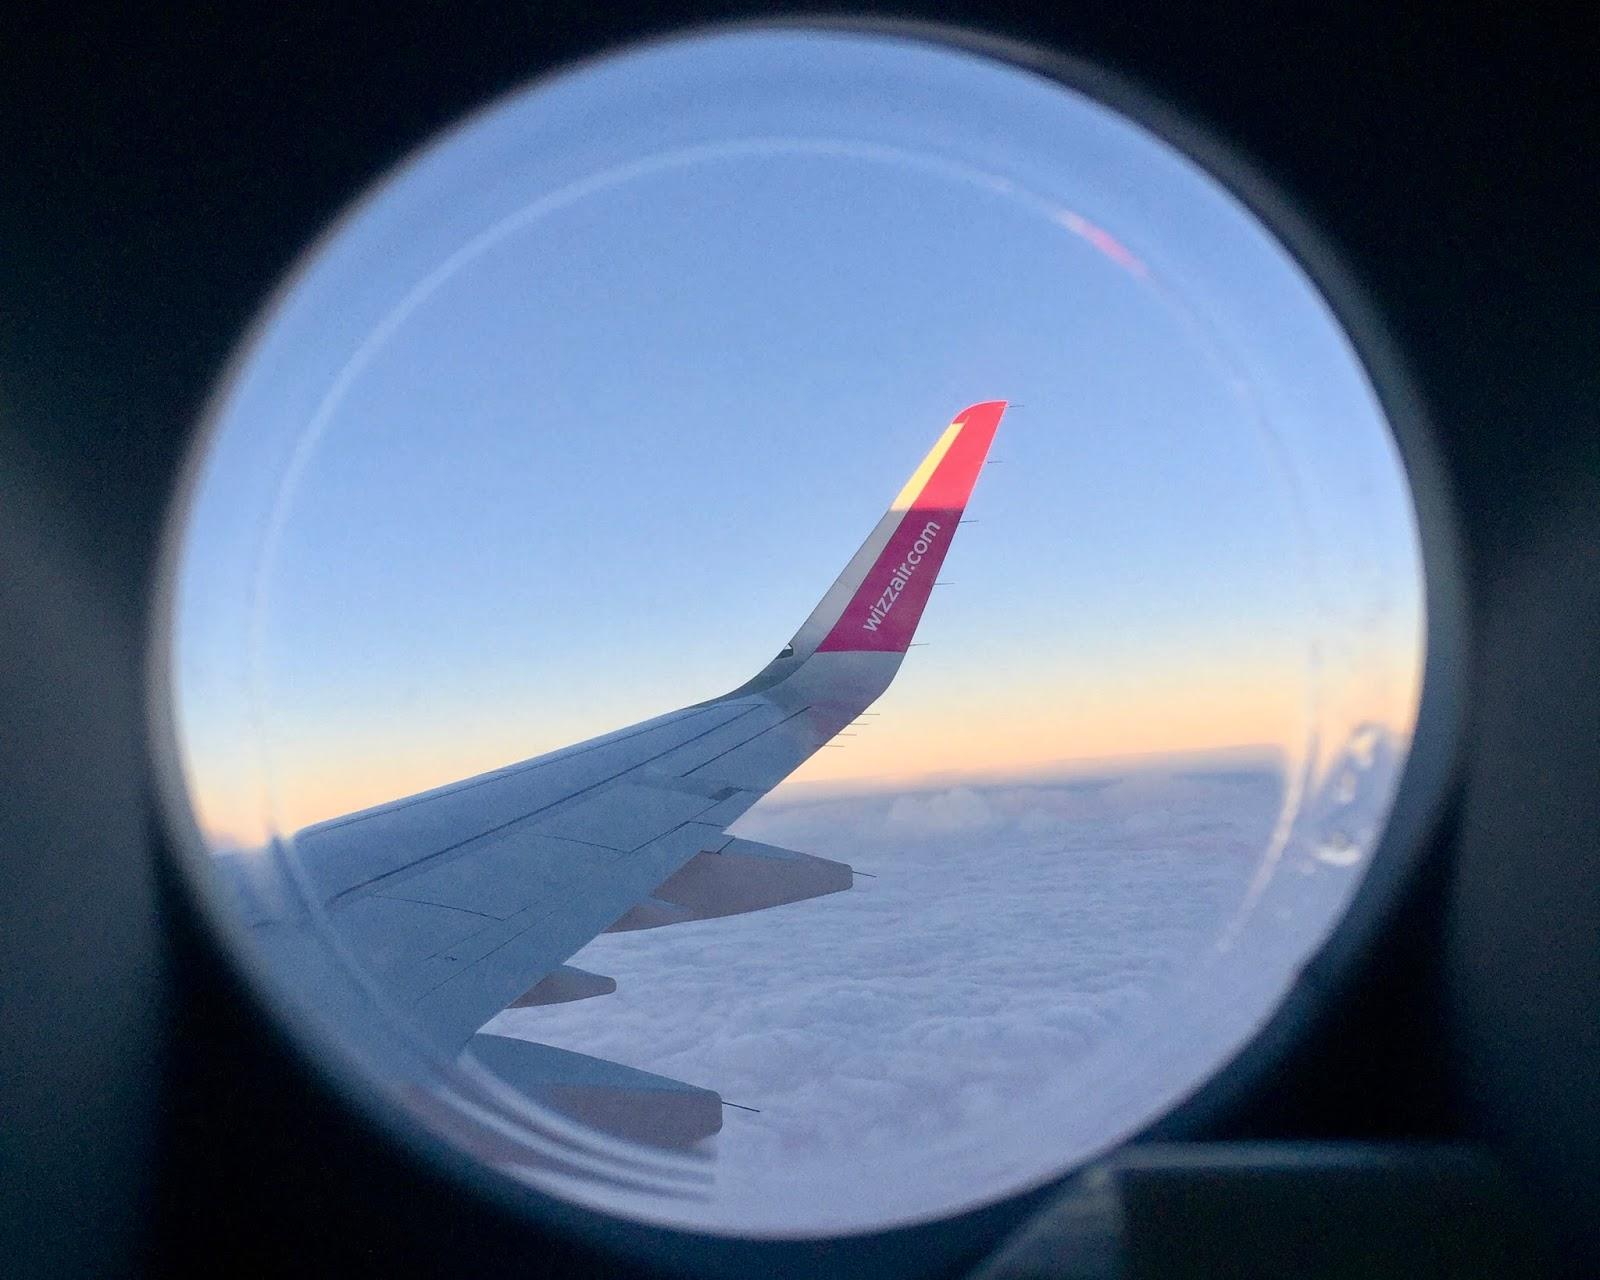 Křídlo letadla WizzAir ve vzduchu při východu slunce